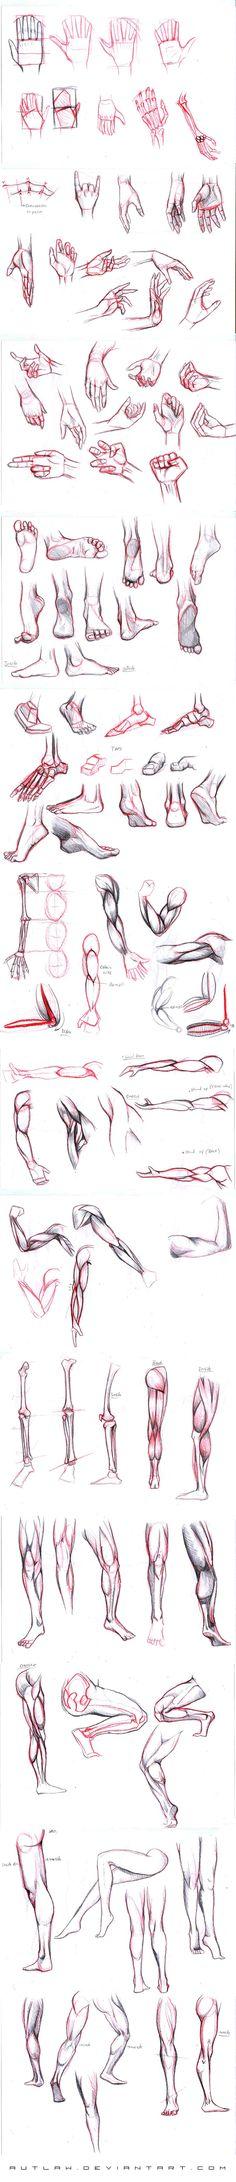 Manos y brazos